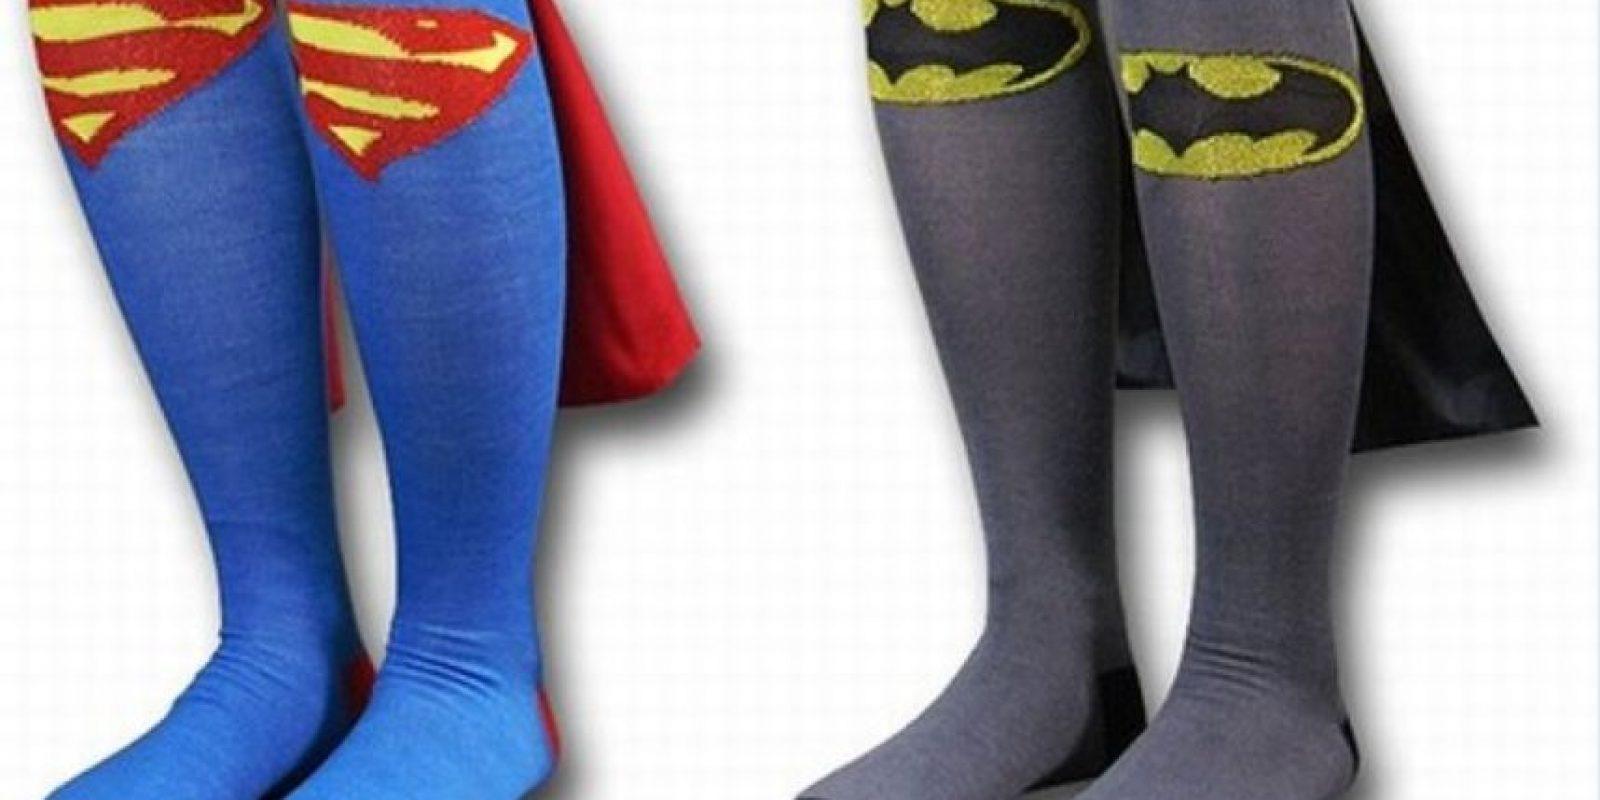 Medias de superhéroe. Foto:Know Your Meme